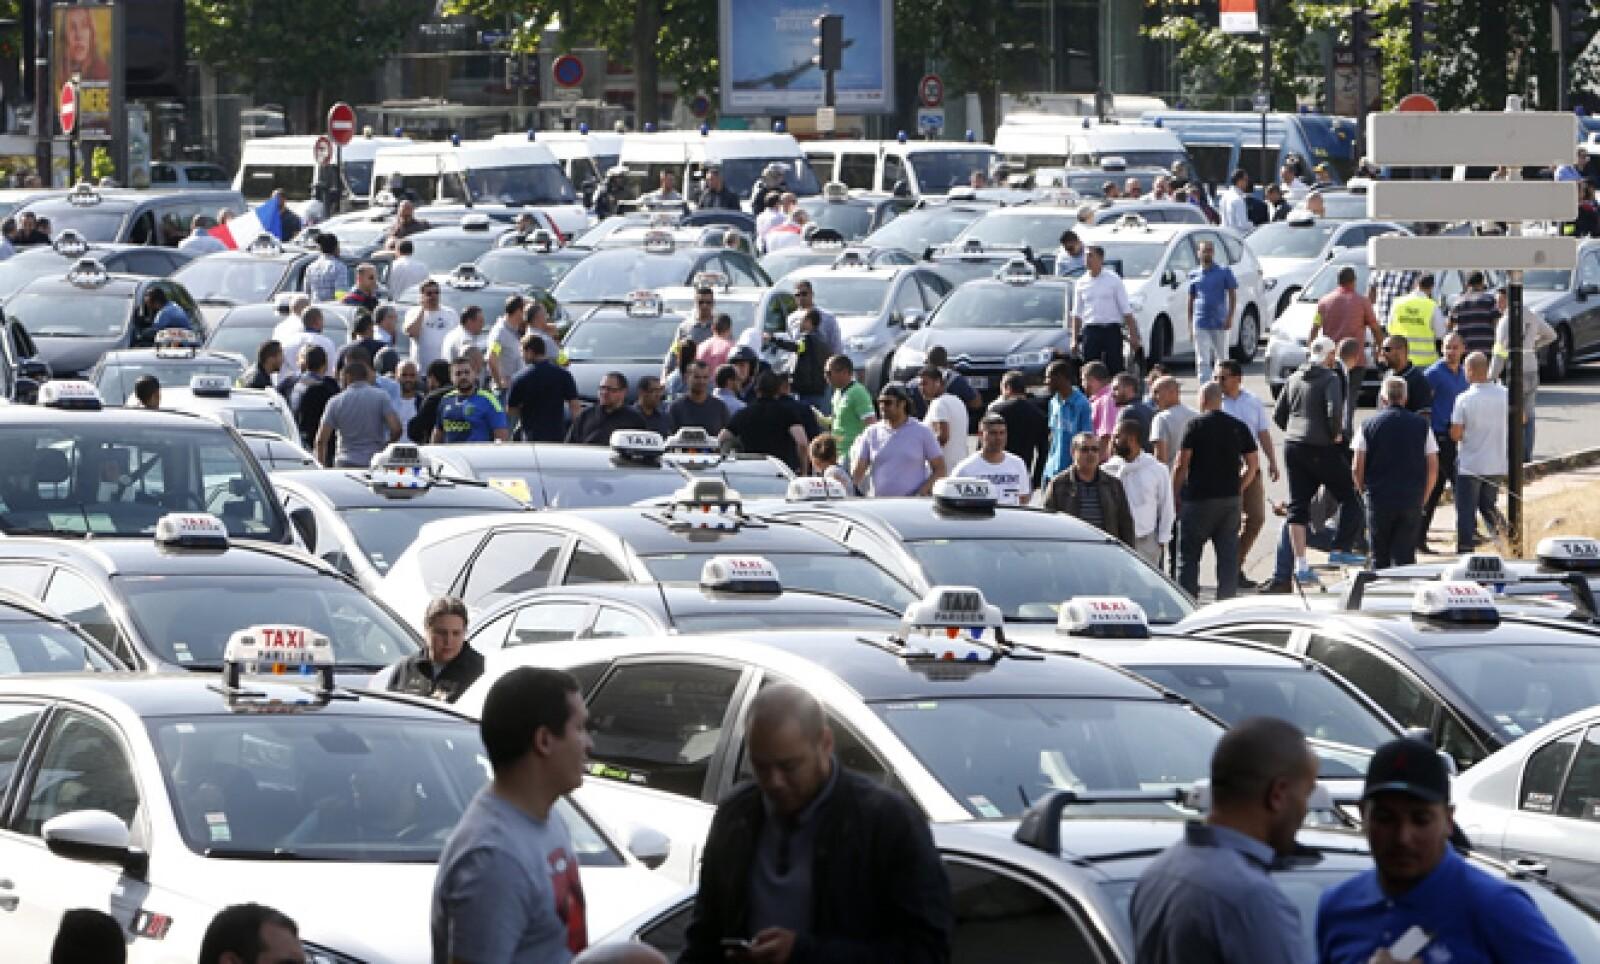 Además de París, las ciudades de Marsella, Toulouse, Burdeos, Niza y Lille registraron movilizaciones.